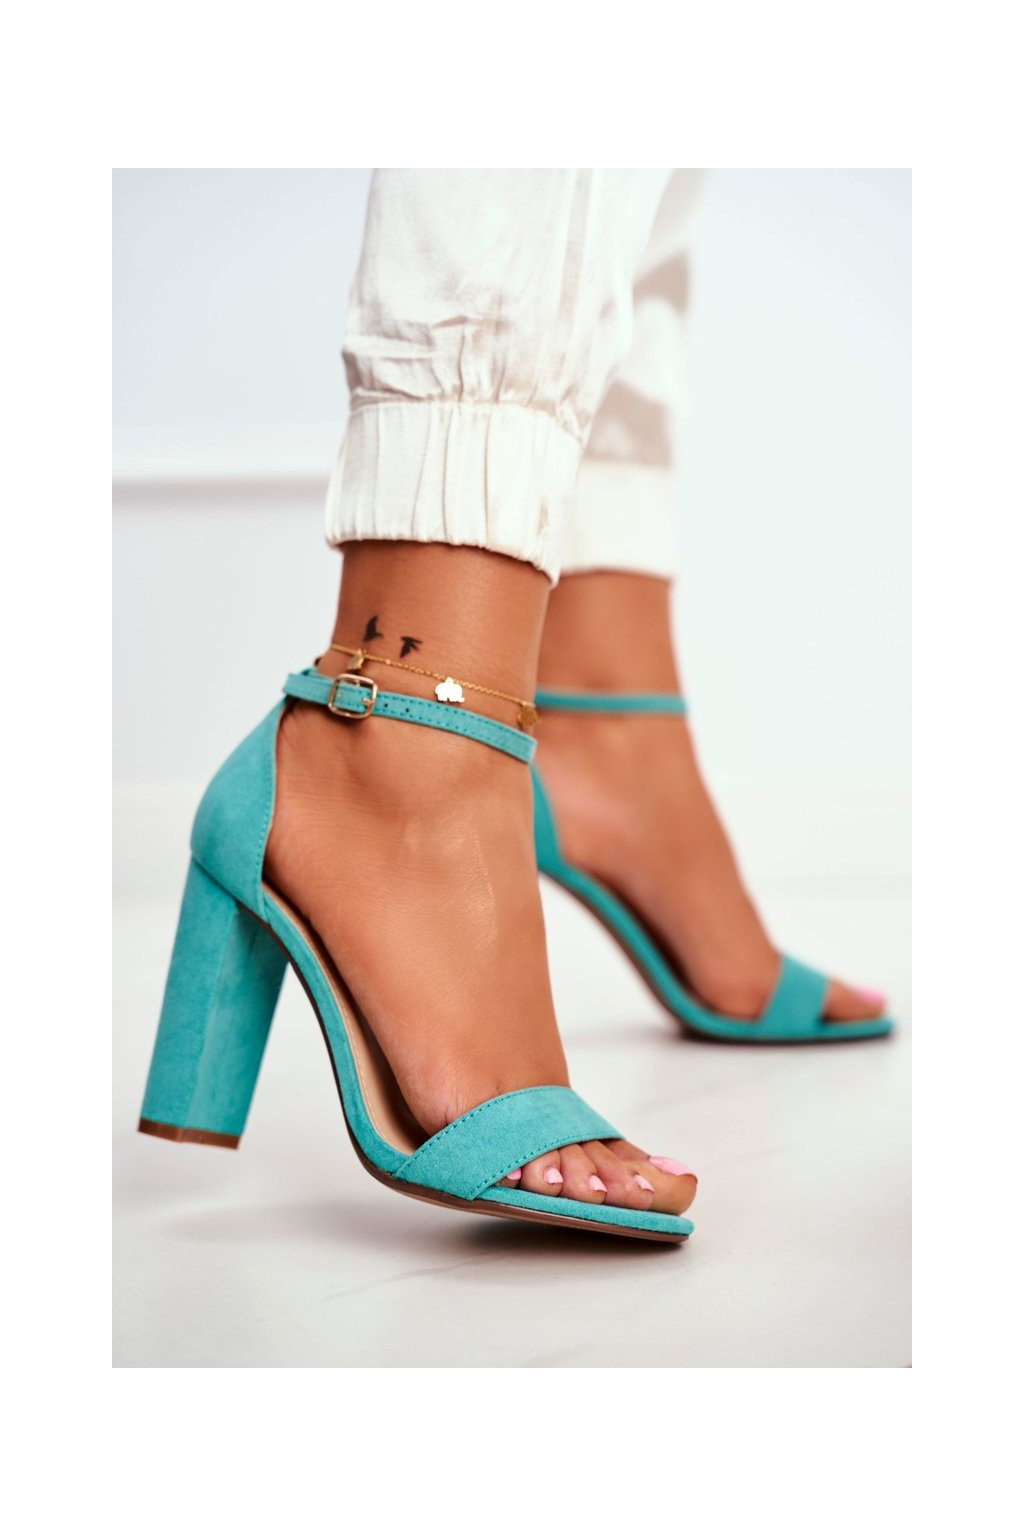 Dámske Sandále na podpätku Semišové zelené Anastasie NJSK J76-12